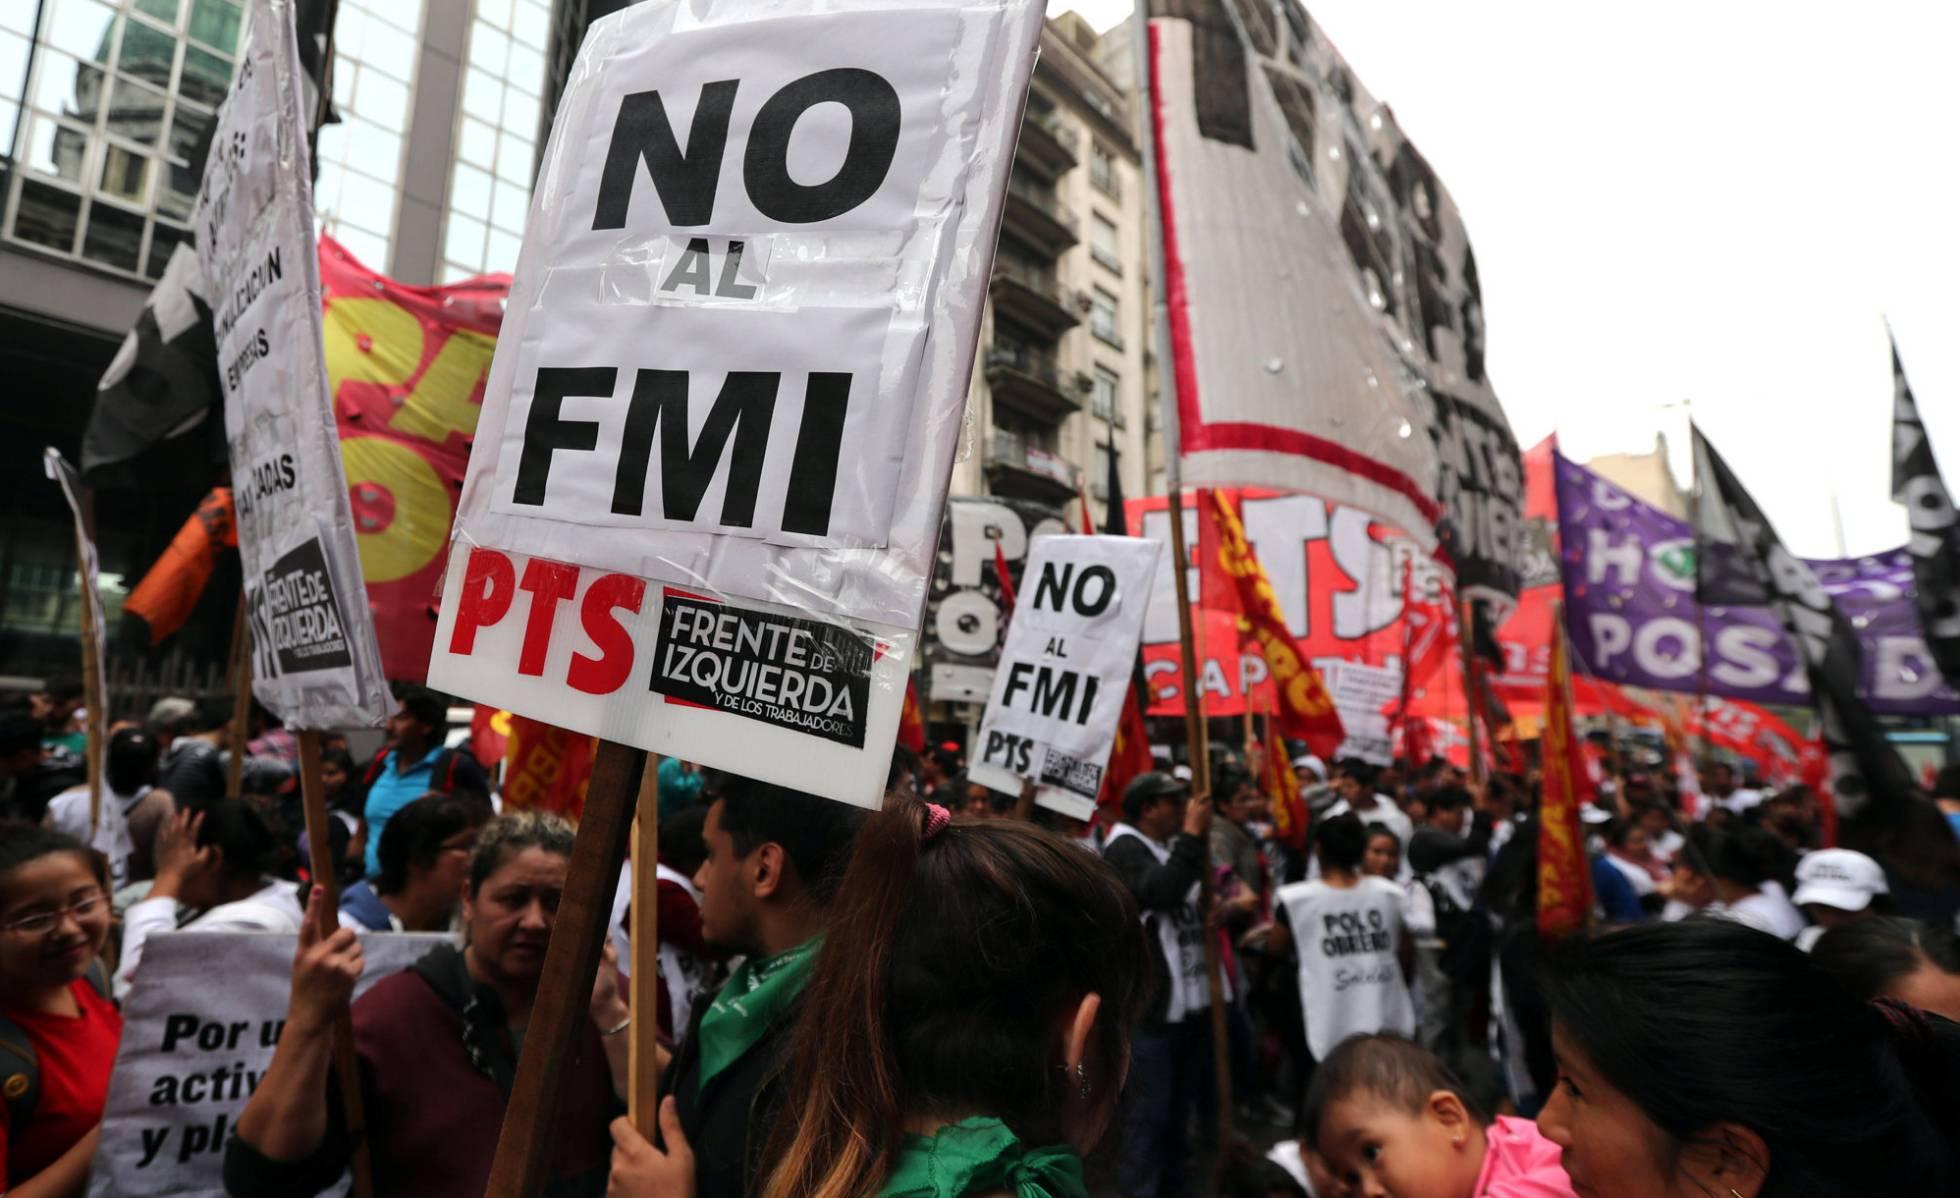 Crise argentina não vai chegar ao Brasil, mas afetará indústria automobilística